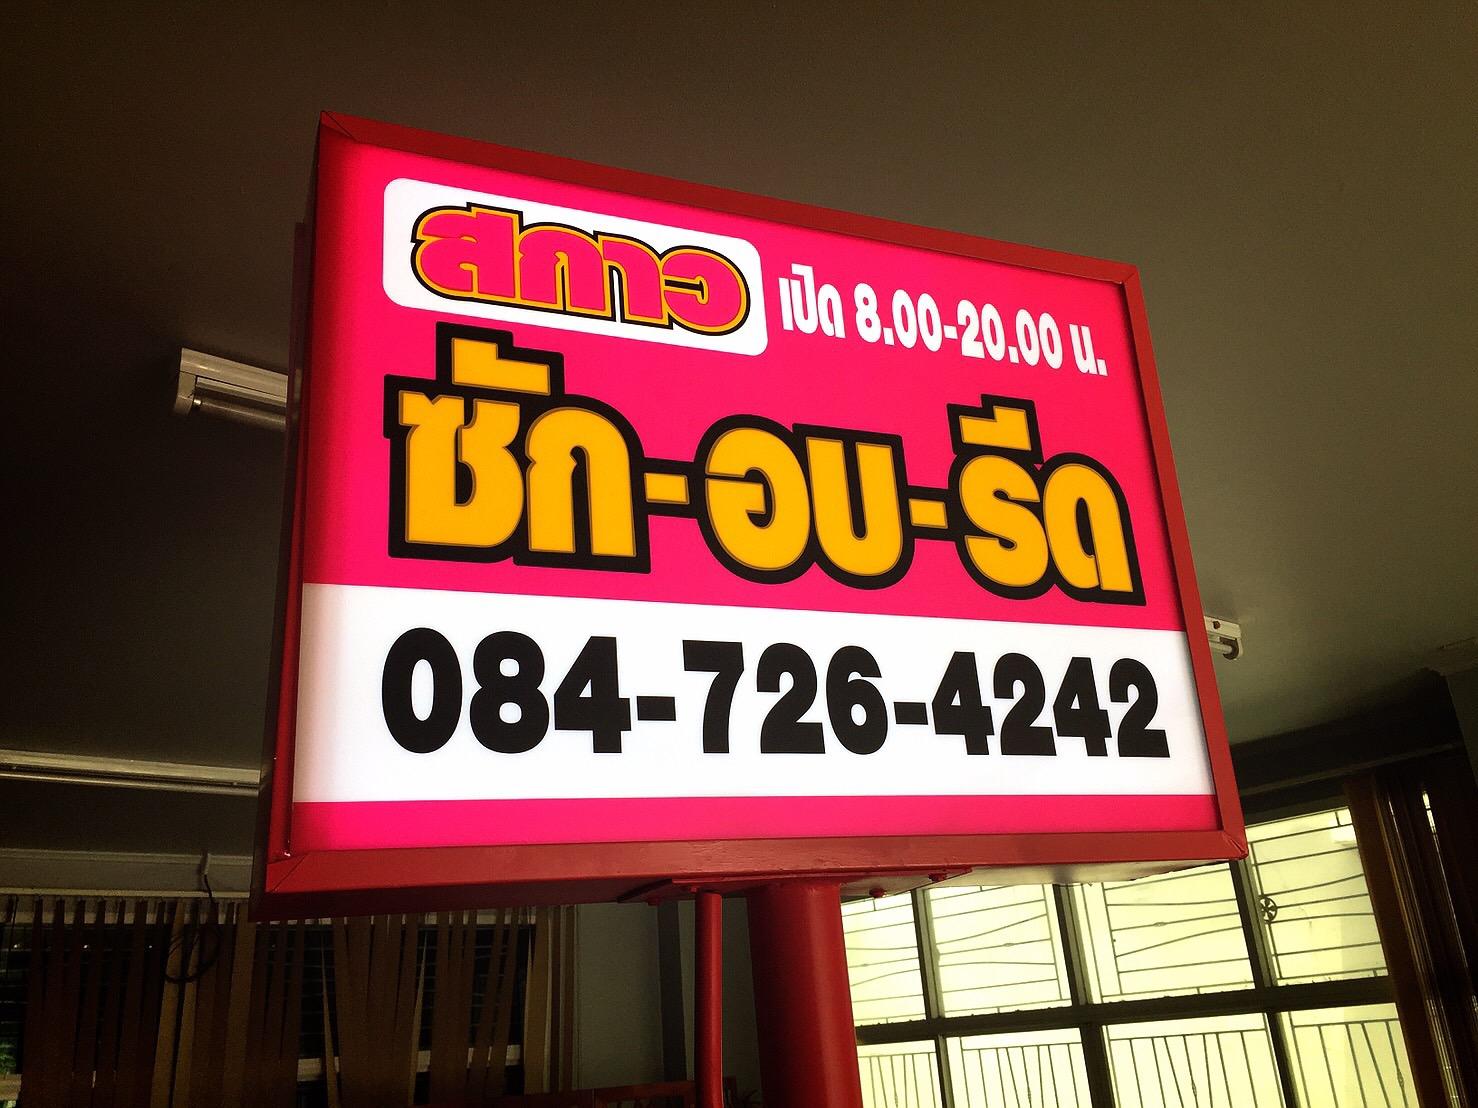 ป้ายกล่องไฟ ตู้ไฟ กล่องไฟ ร้านนี้เปิดแล้วสว่างยันดาวอังคารเลย รับทำป้าย... ครบจบที่เดียวครับ 😊 ----ติดต่อเรา----- 📲 088.015.8970 // เต่า 📲 085.110.1132 // แอ๊นท์ Line : taoza-jongjong Facebook : ADART 📭 taozajongjong@yahoo.com